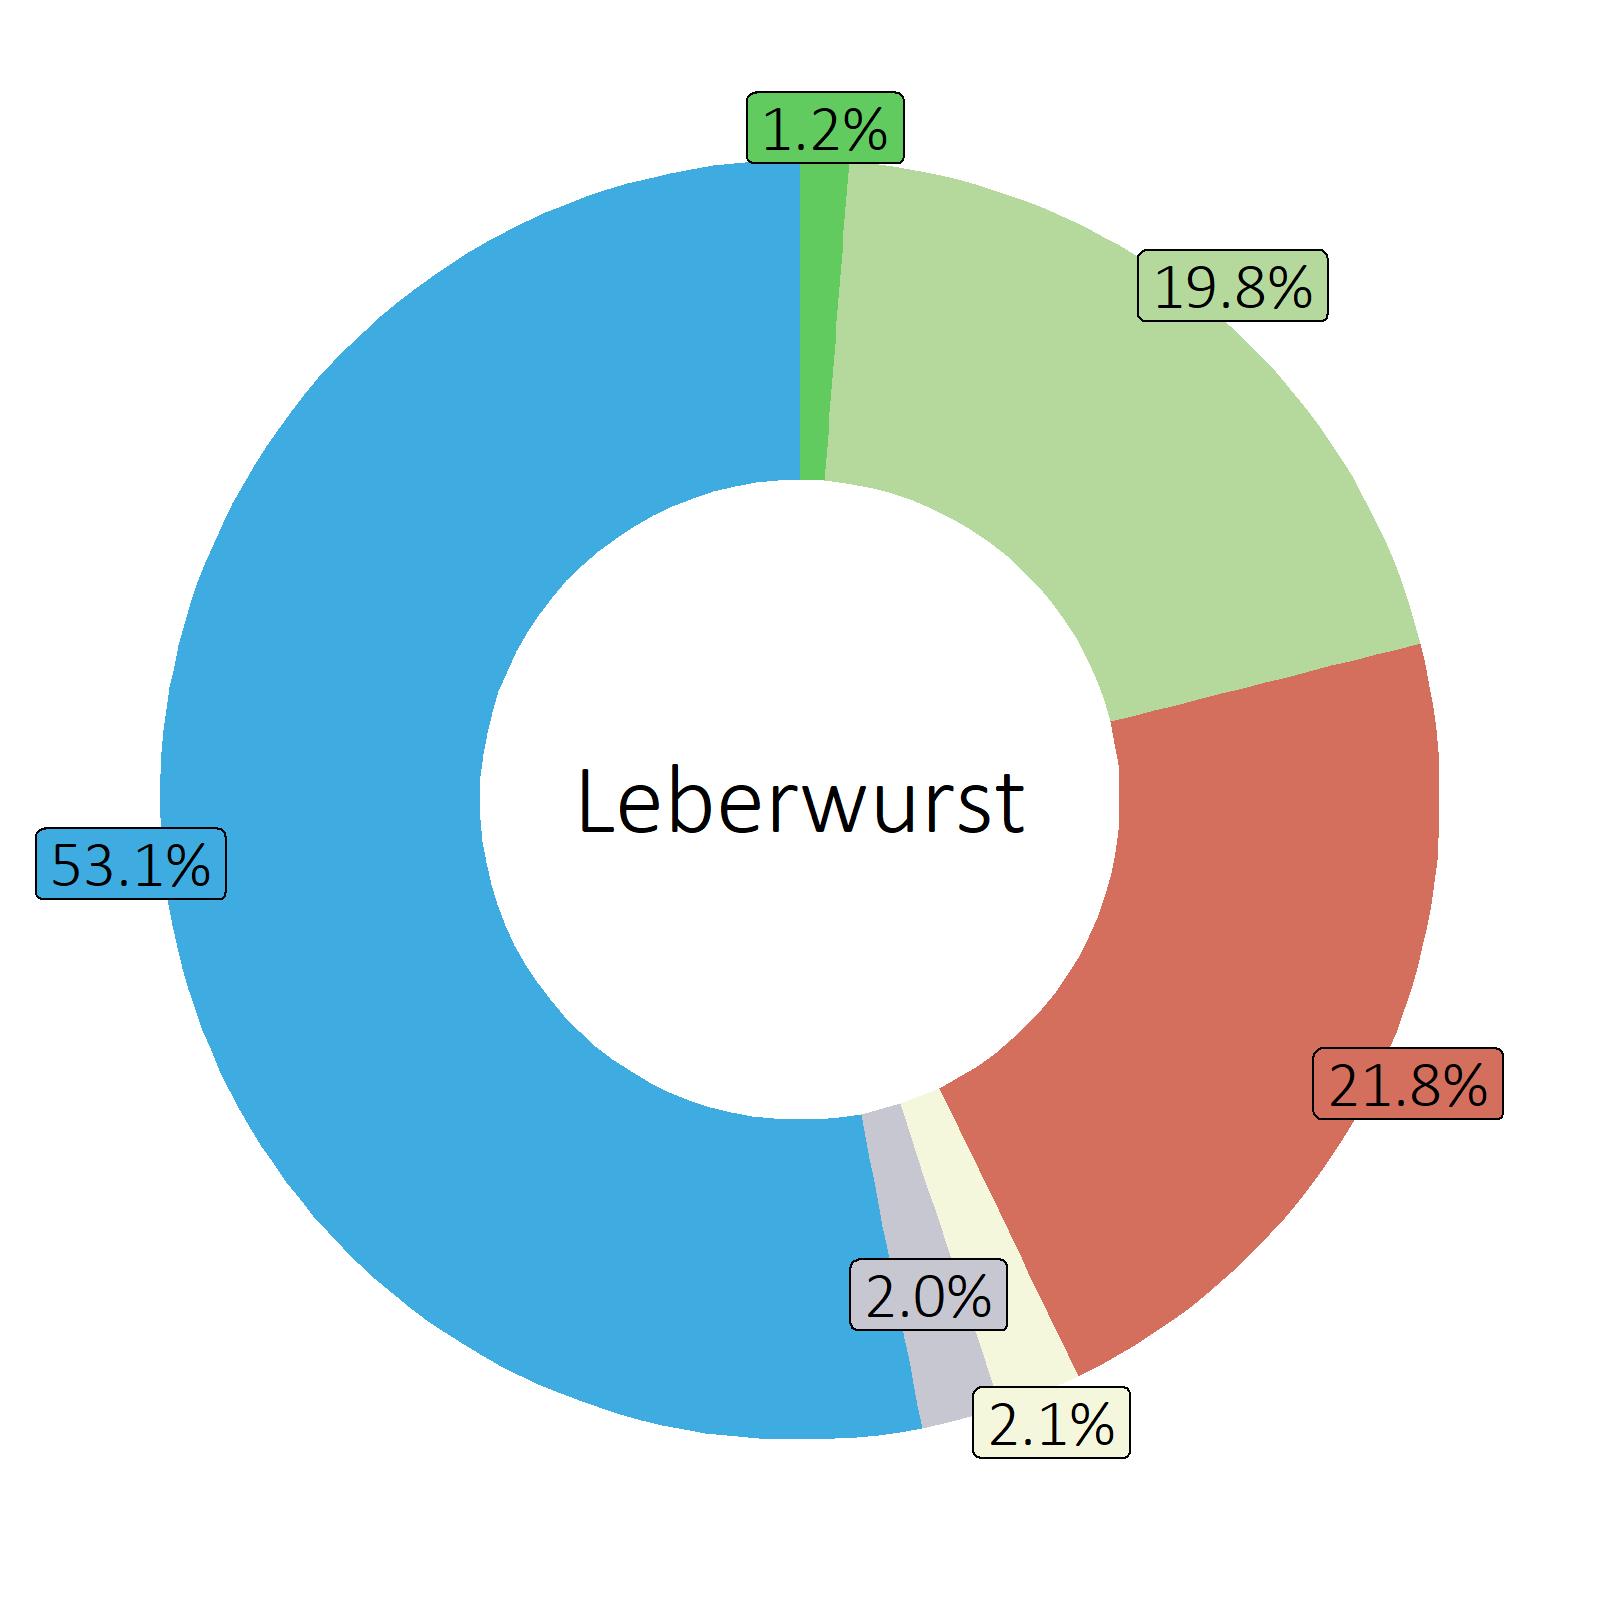 Bestandteile Leberwurst